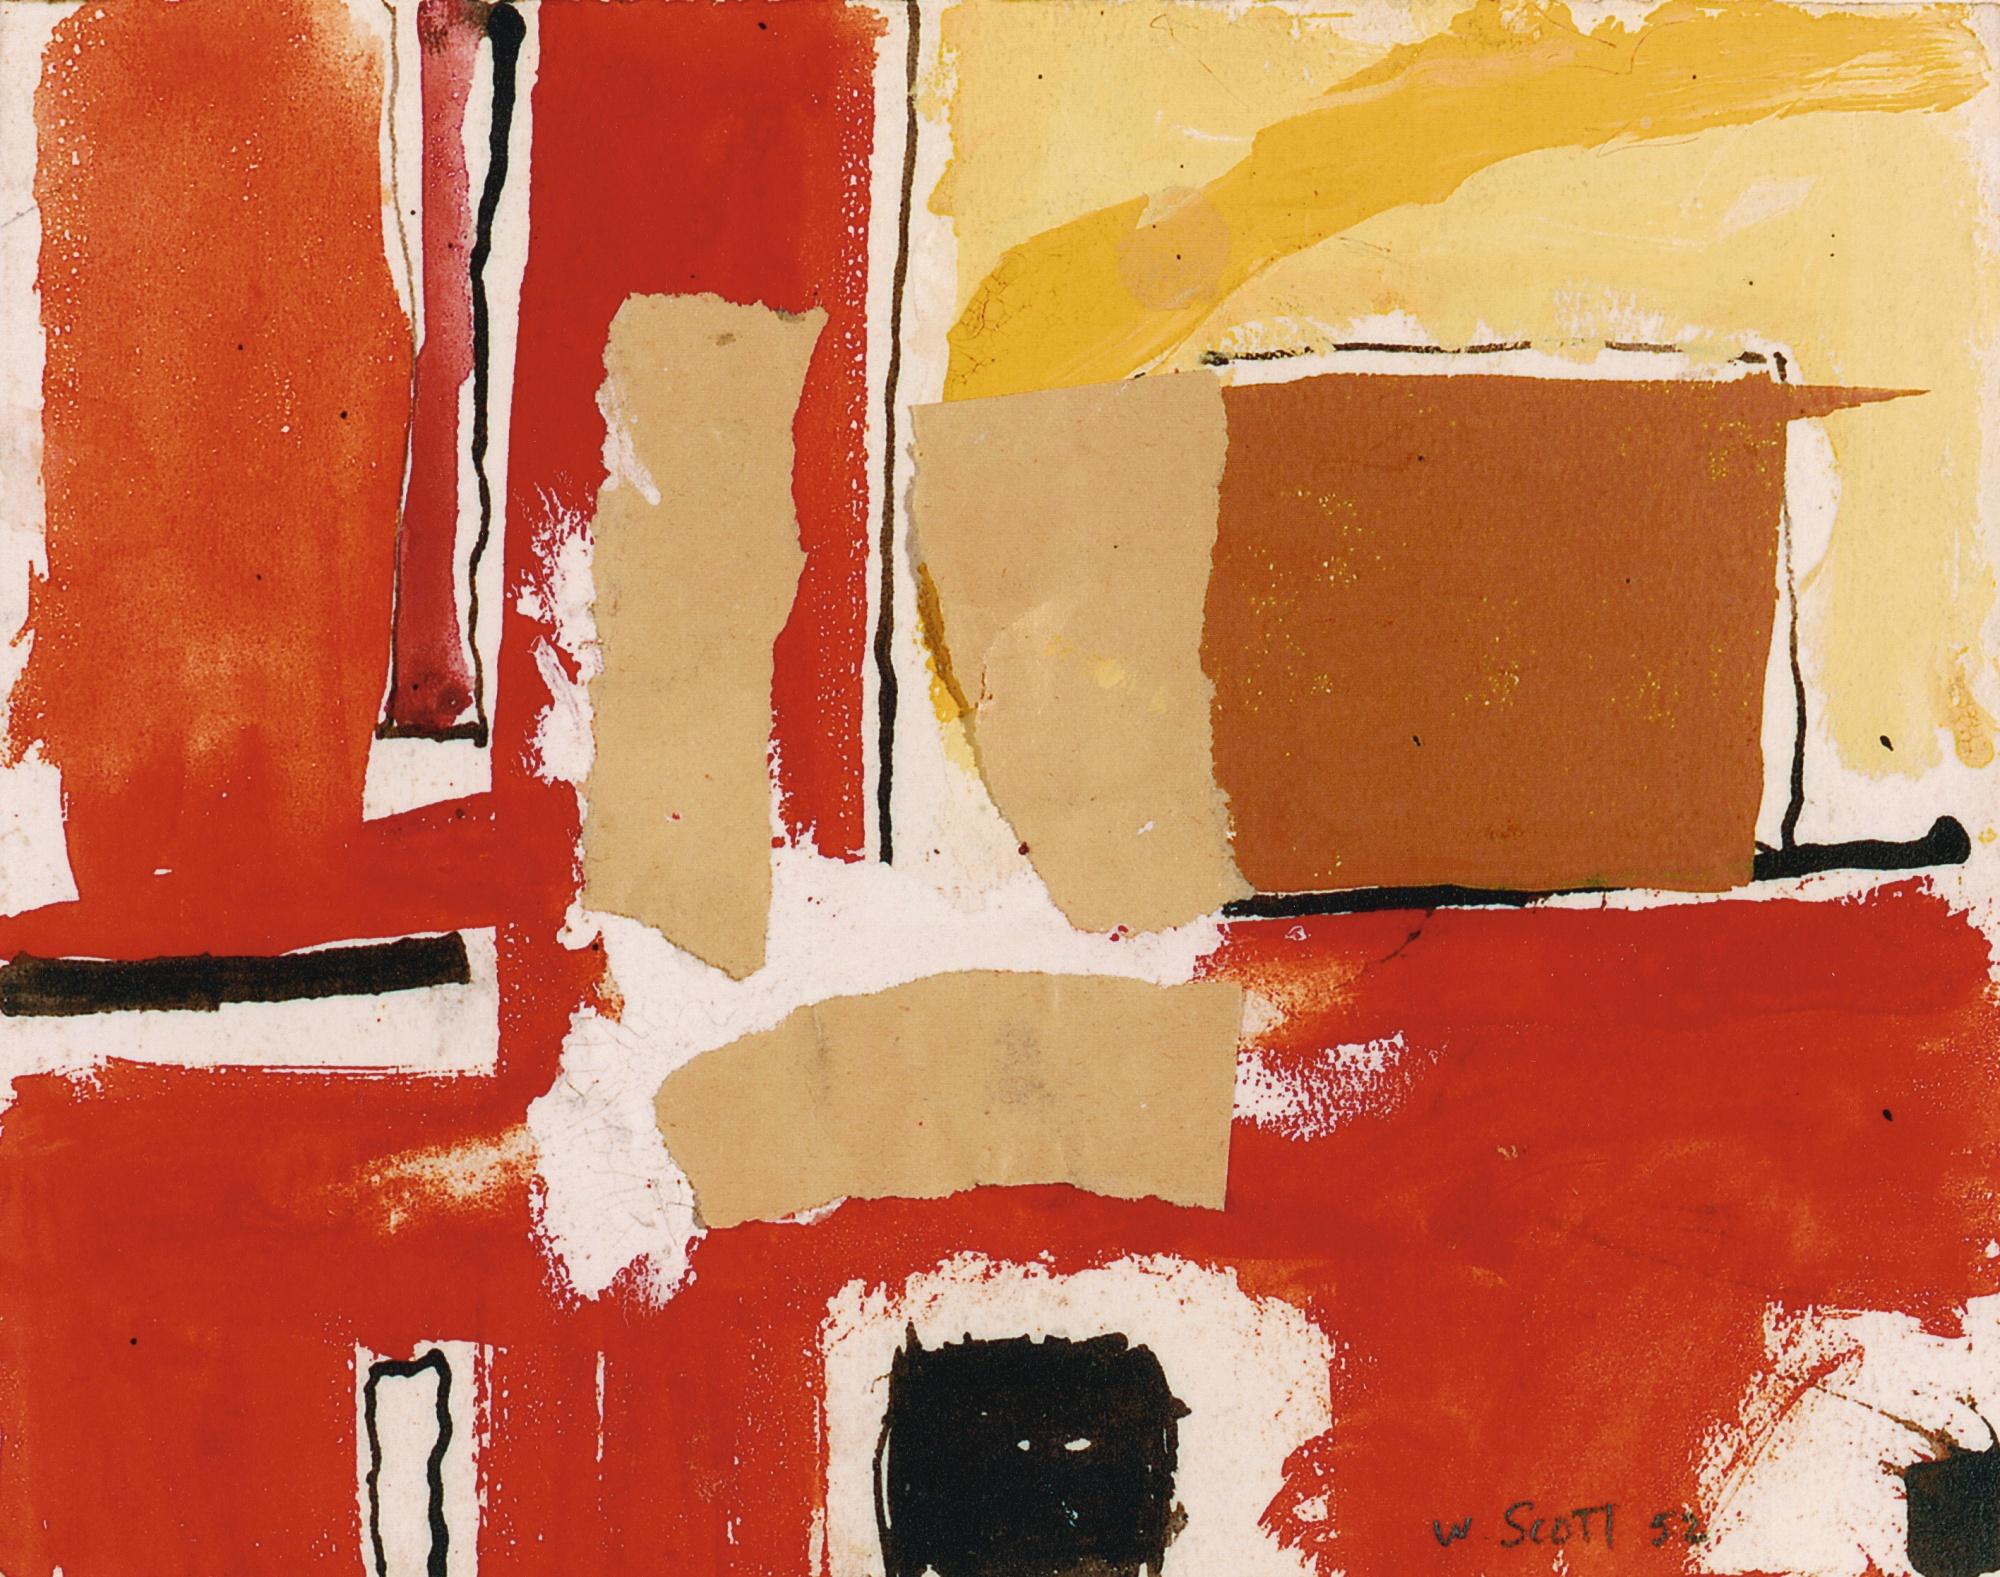 William Scott-Gouache No.9-1952